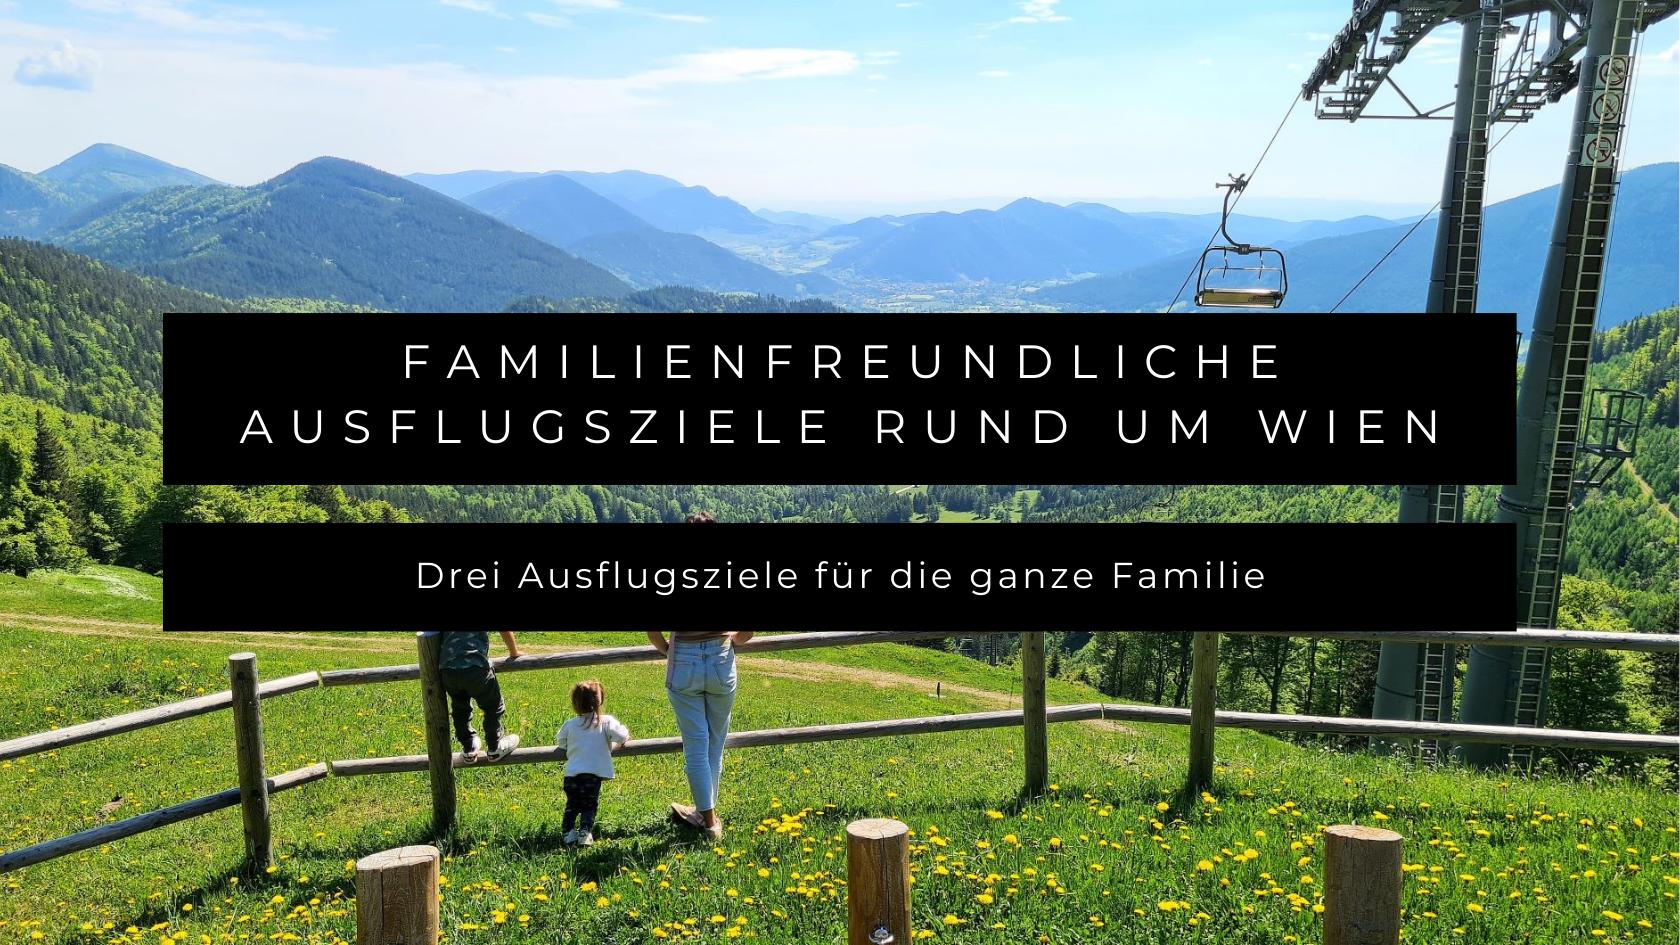 Drei familienfreundliche Ausflugsziele rund um Wien